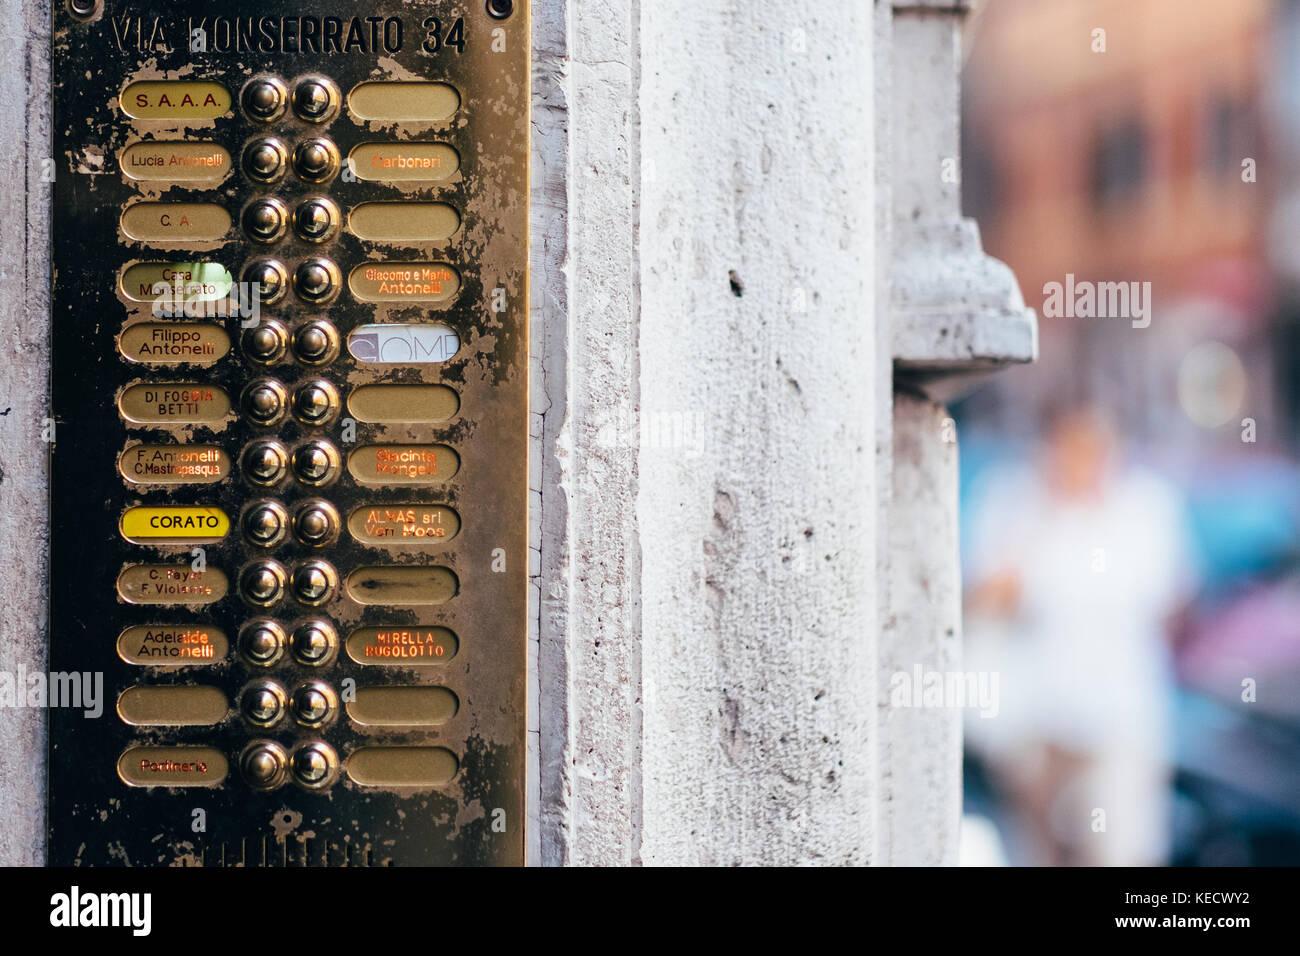 Eleganten alten Klingeltasten und mismached Adresse und Namen Etiketten auf einem Gebäude in Rom, Italien Stockbild